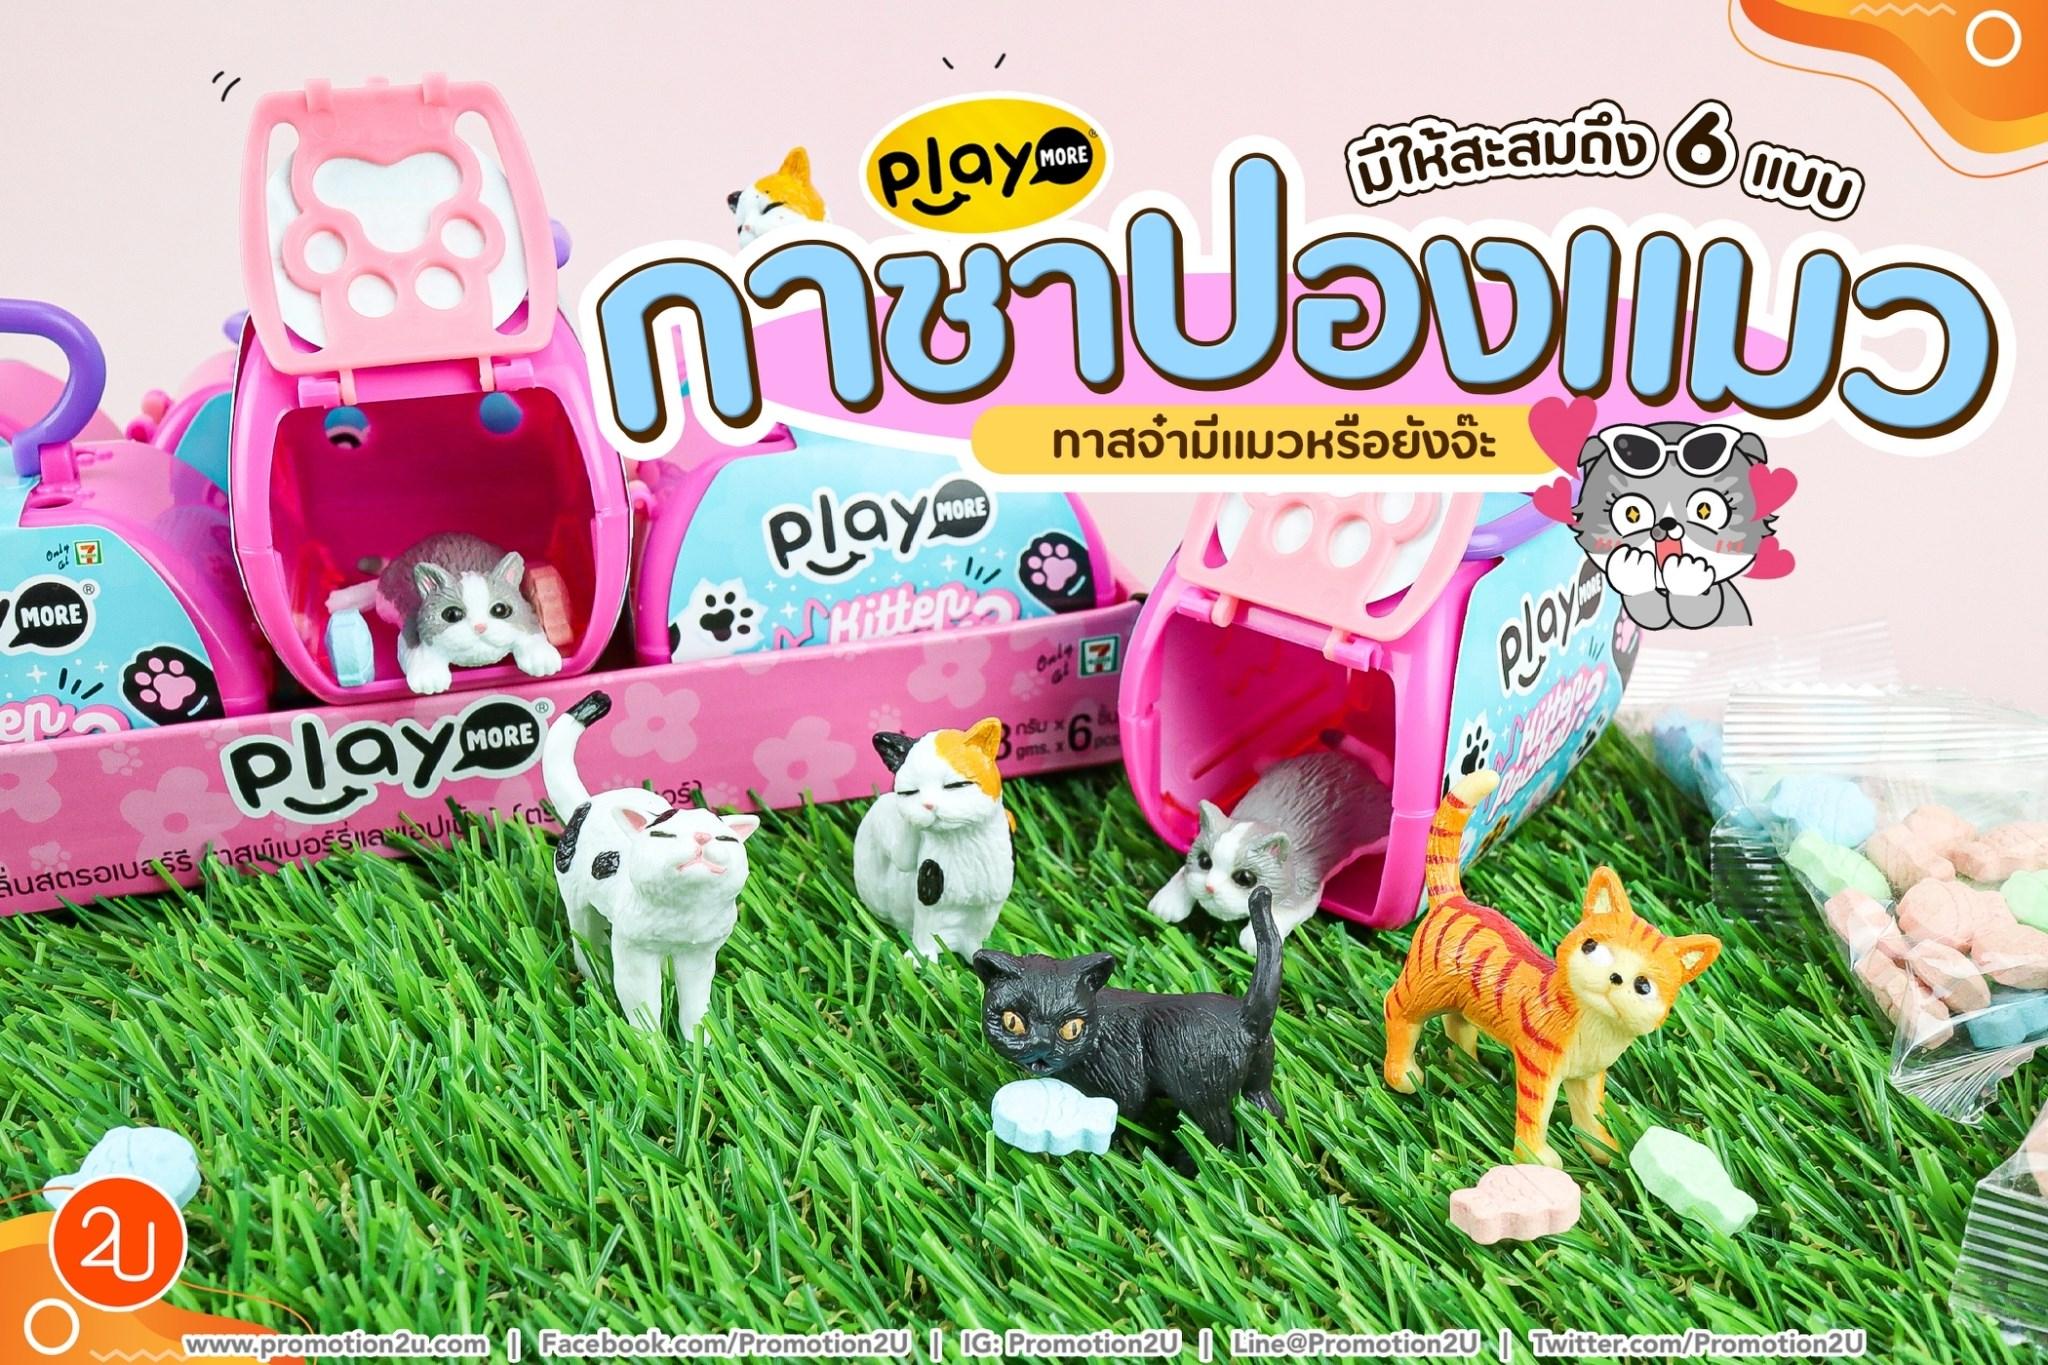 ทาสห้ามพลาด!! กาชาปองแมวสุดน่ารัก Playmore Kitten Pocket มีให้สะสมถึง 6 แบบ @7-11